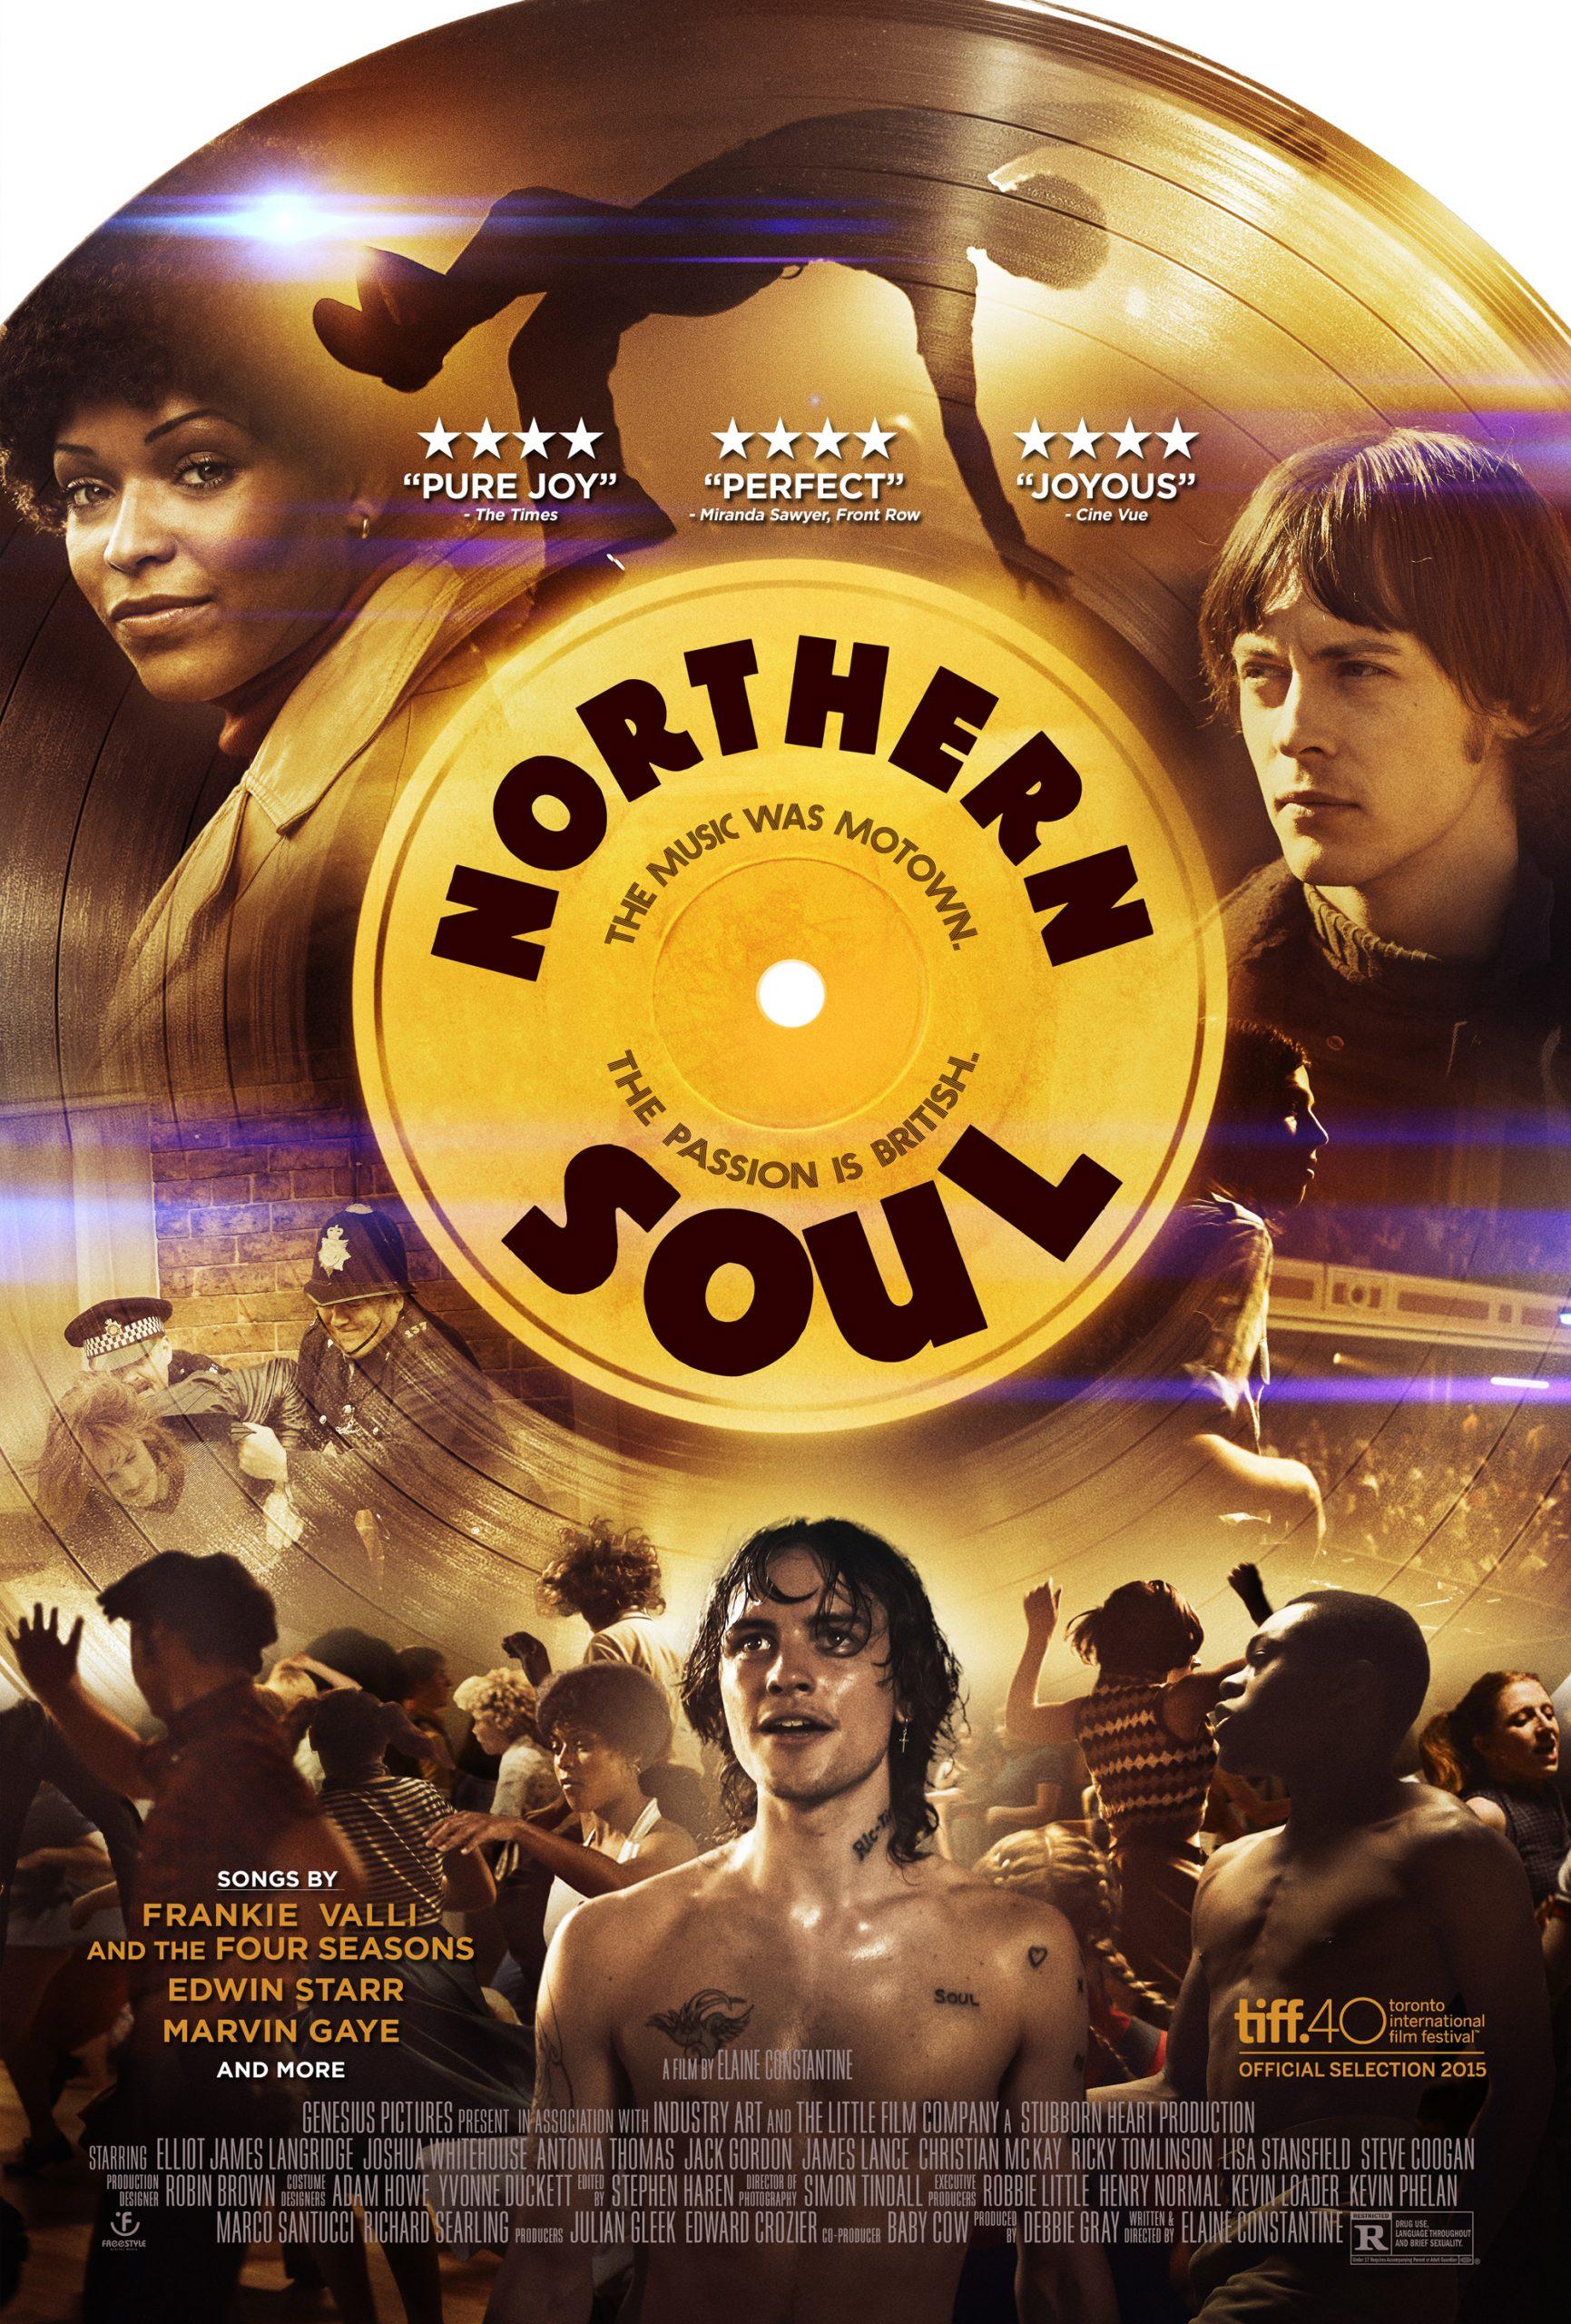 ดูหนังออนไลน์ Northern Soul (2014) เท้าไฟ หัวใจโซล ซับไทย พากย์ไทย เต็มเรื่อง HD Soundtrack มาสเตอร์